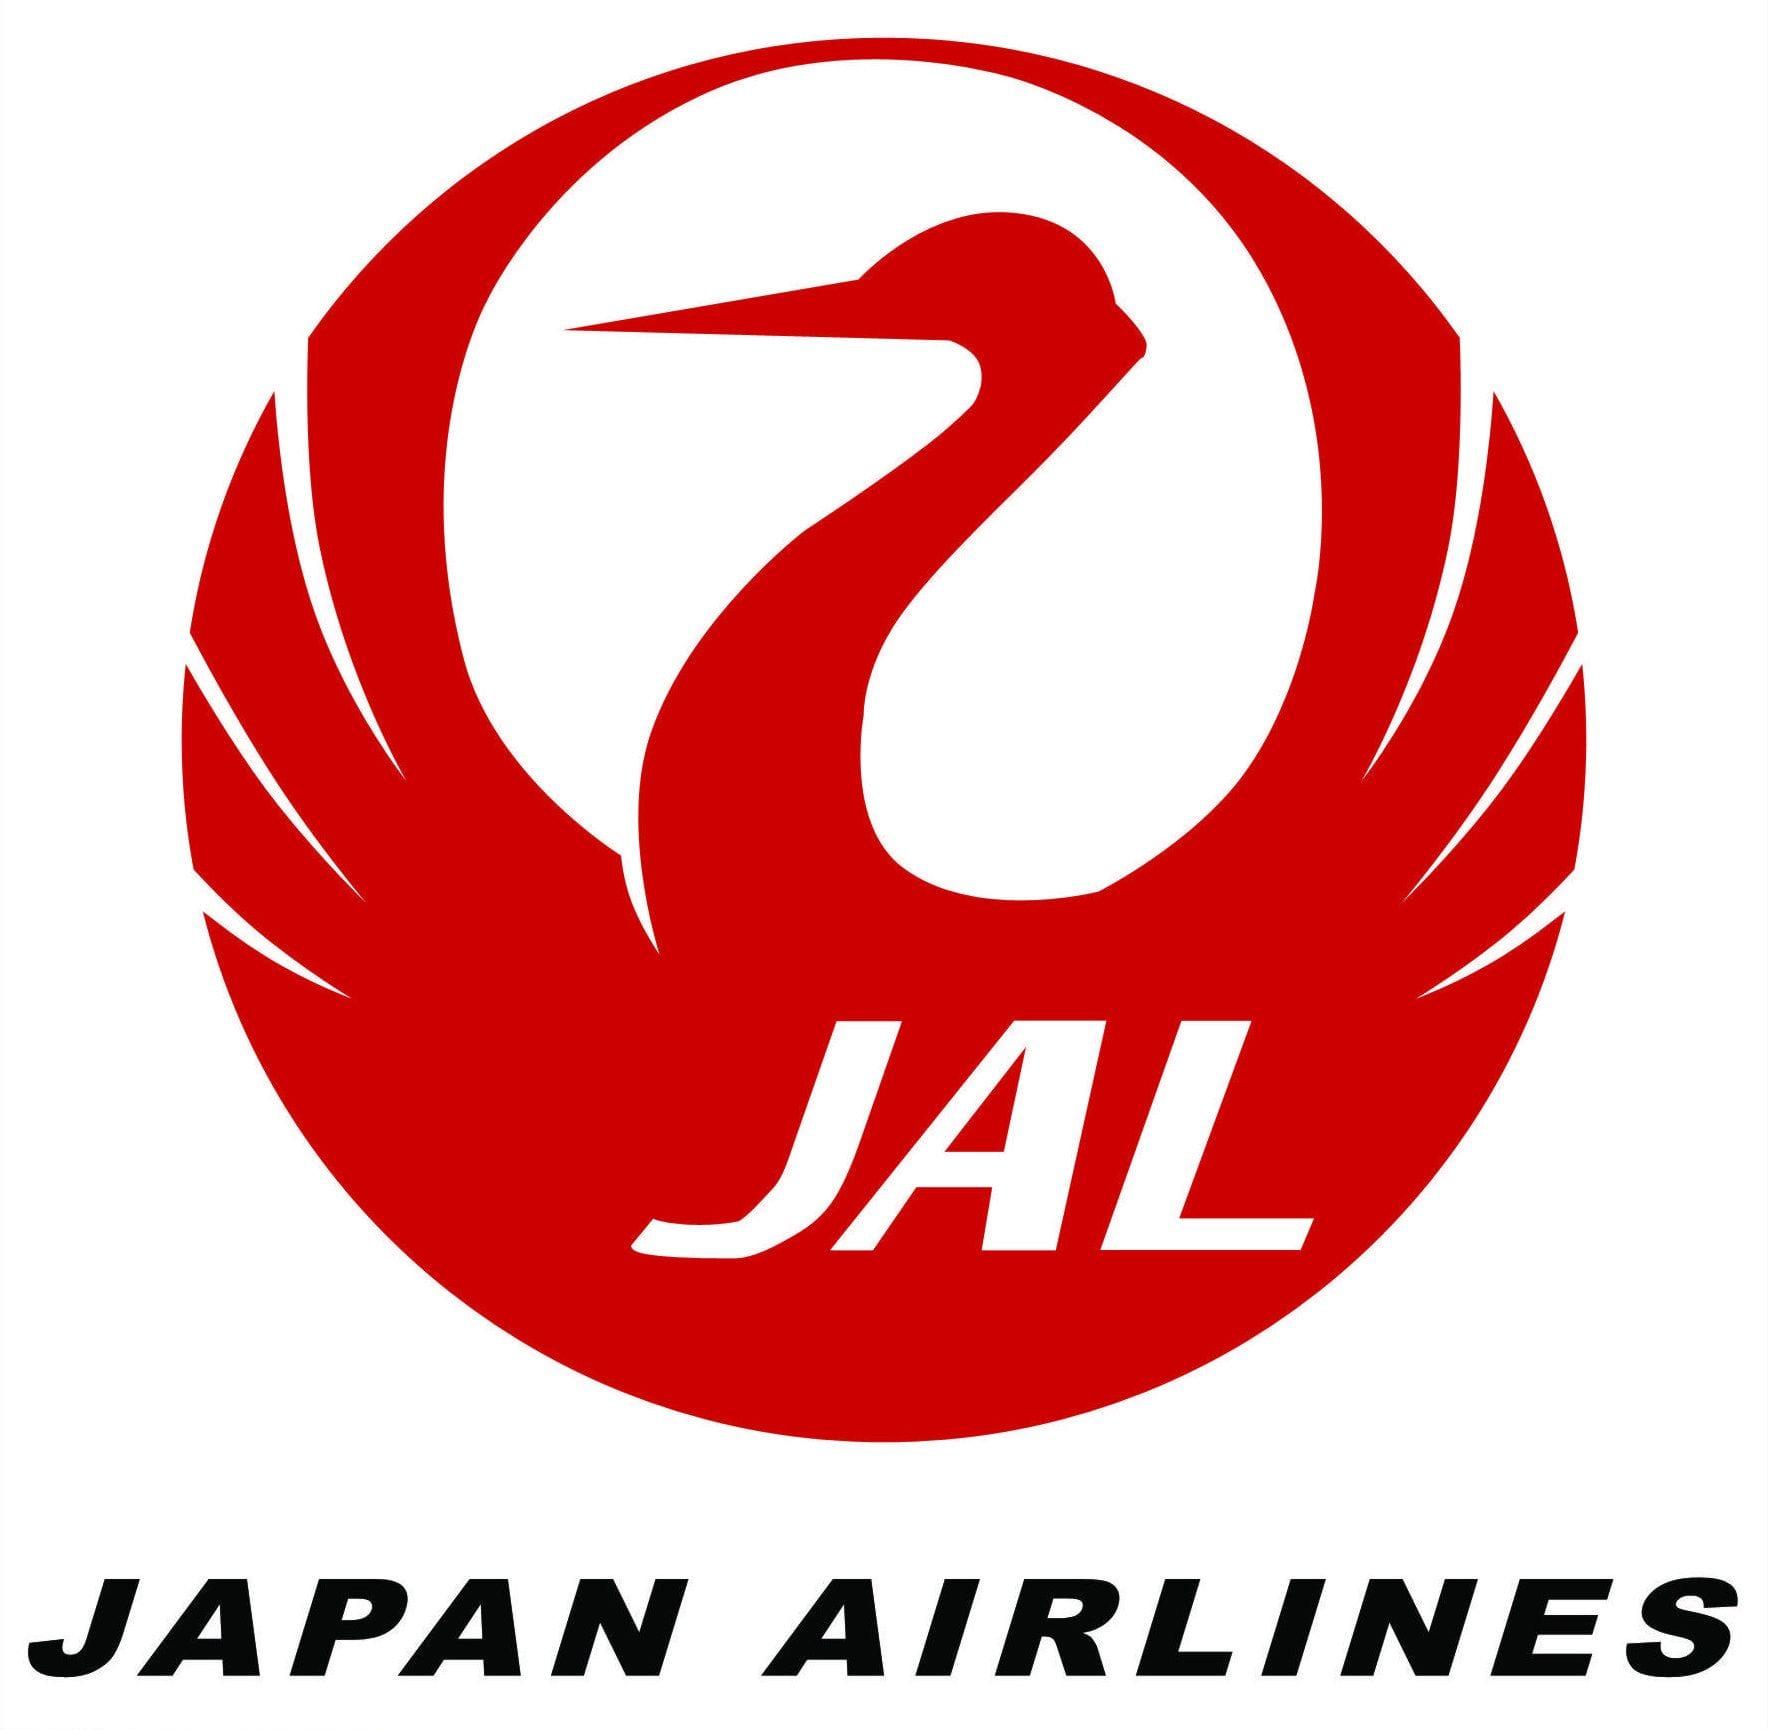 สายการบินไปญี่ปุ่น ไปญี่ปุ่น สายการบินไหนดี ไปญี่ปุ่นสายการบินไหนดี